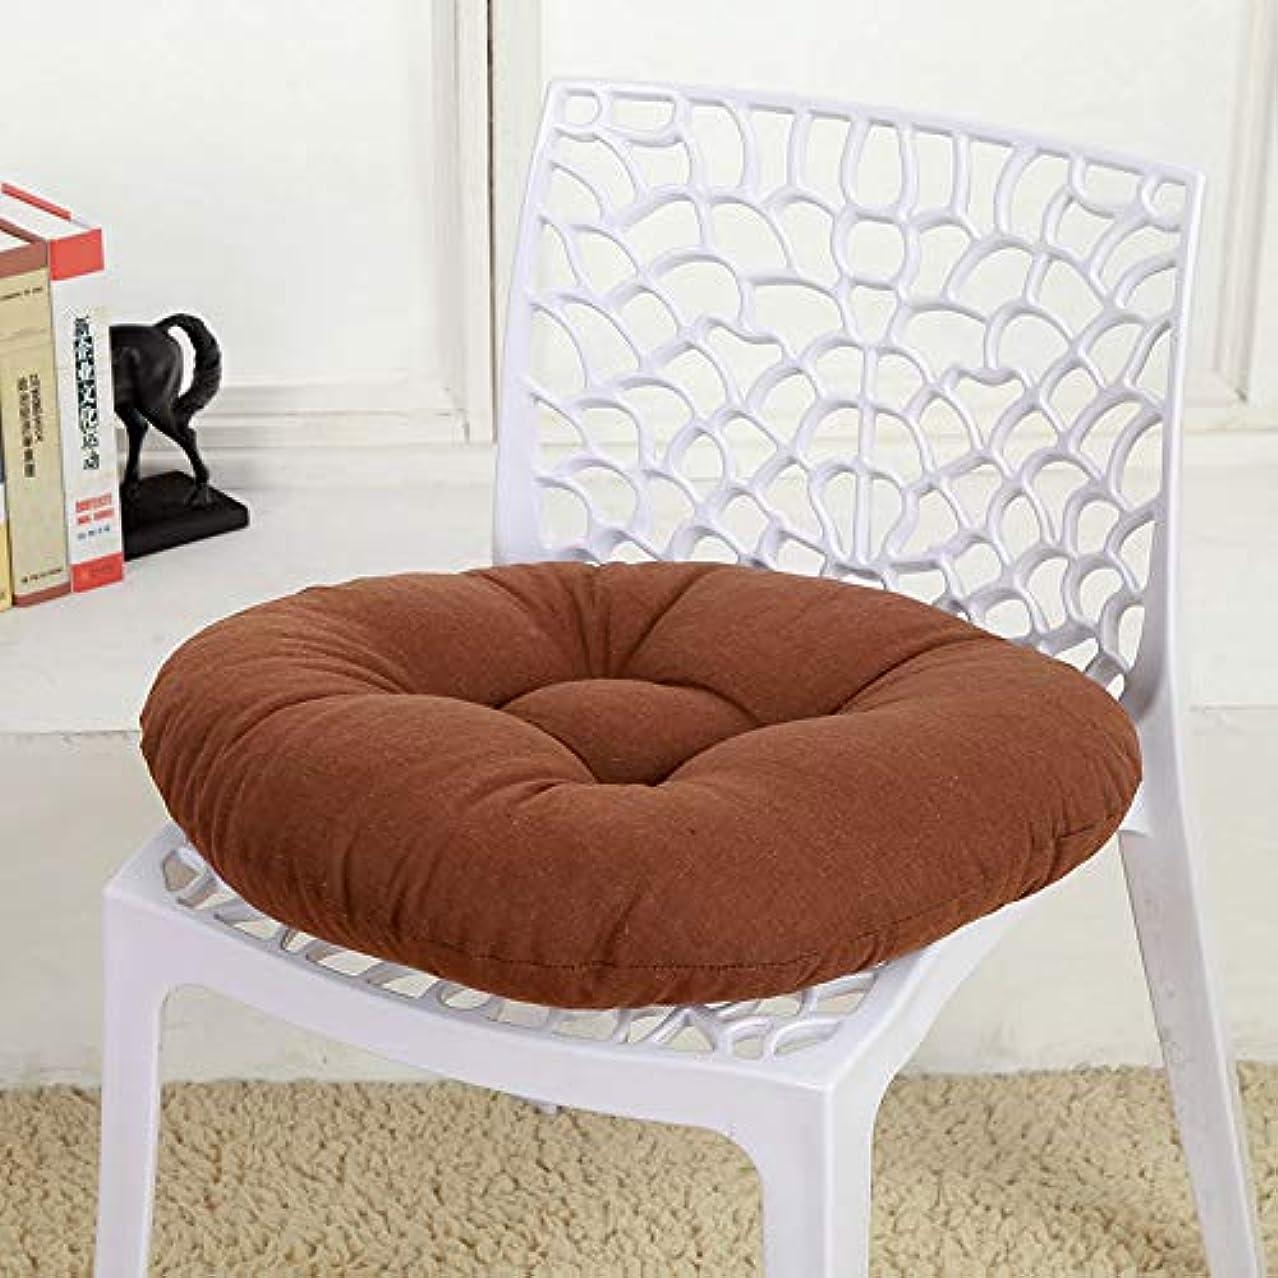 指紋流すジョットディボンドンSMART キャンディカラーのクッションラウンドシートクッション波ウィンドウシートクッションクッション家の装飾パッドラウンド枕シート枕椅子座る枕 クッション 椅子